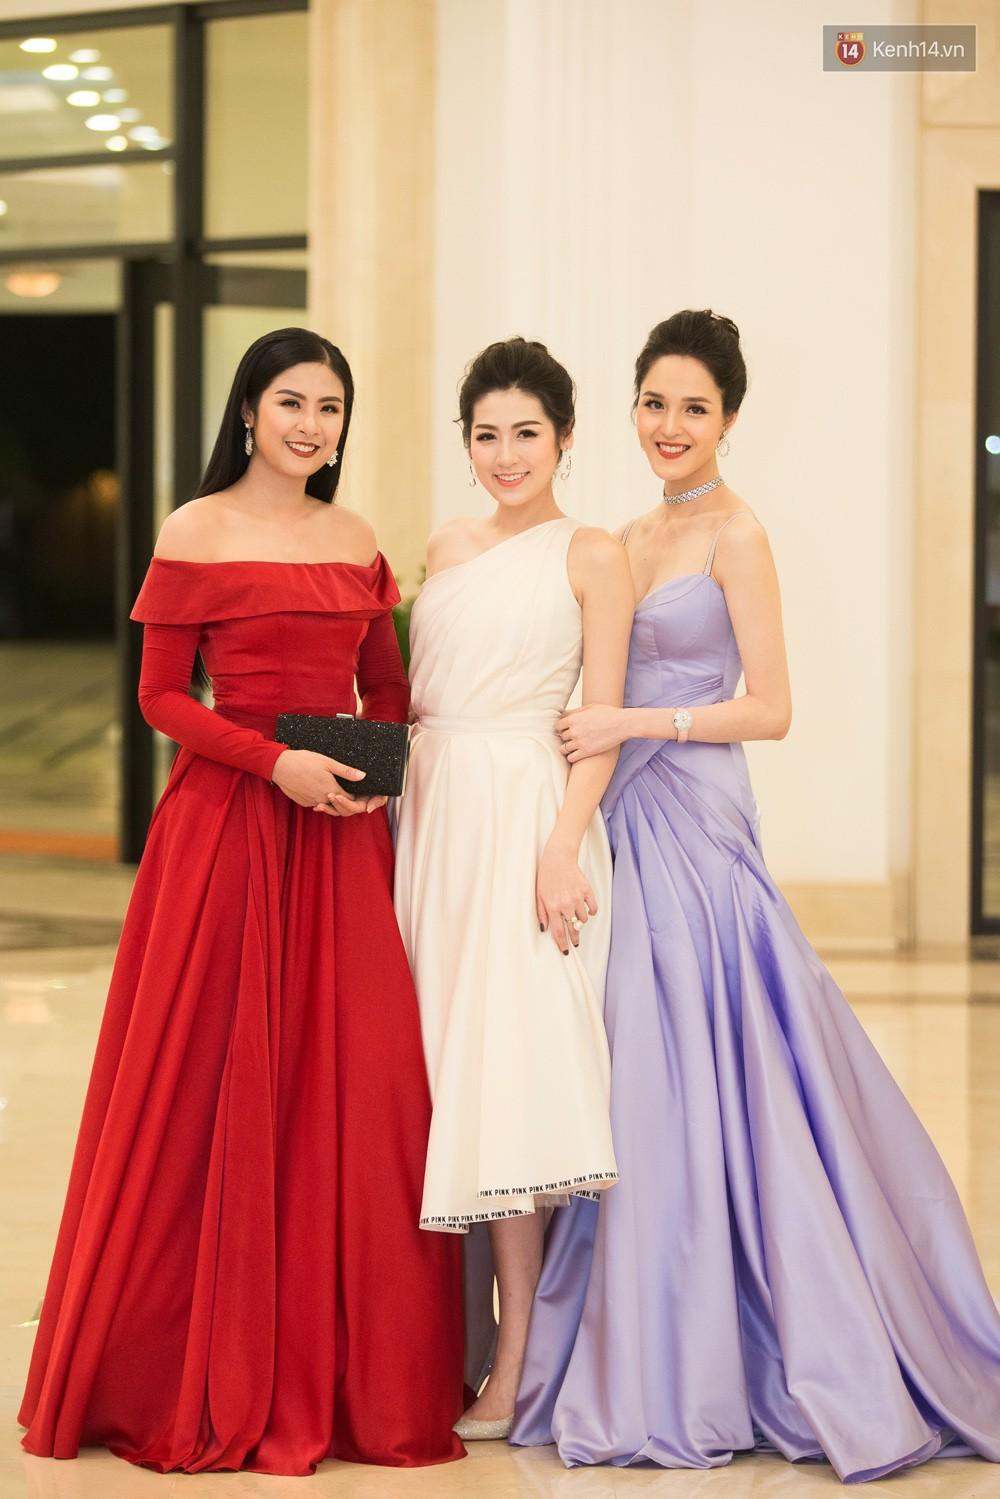 Cùng một thảm đỏ: Hoa hậu chuyển giới Hương Giang lấn át hẳn dàn Hoa hậu, Á hậu về cả thần thái lẫn độ sexy - Ảnh 9.